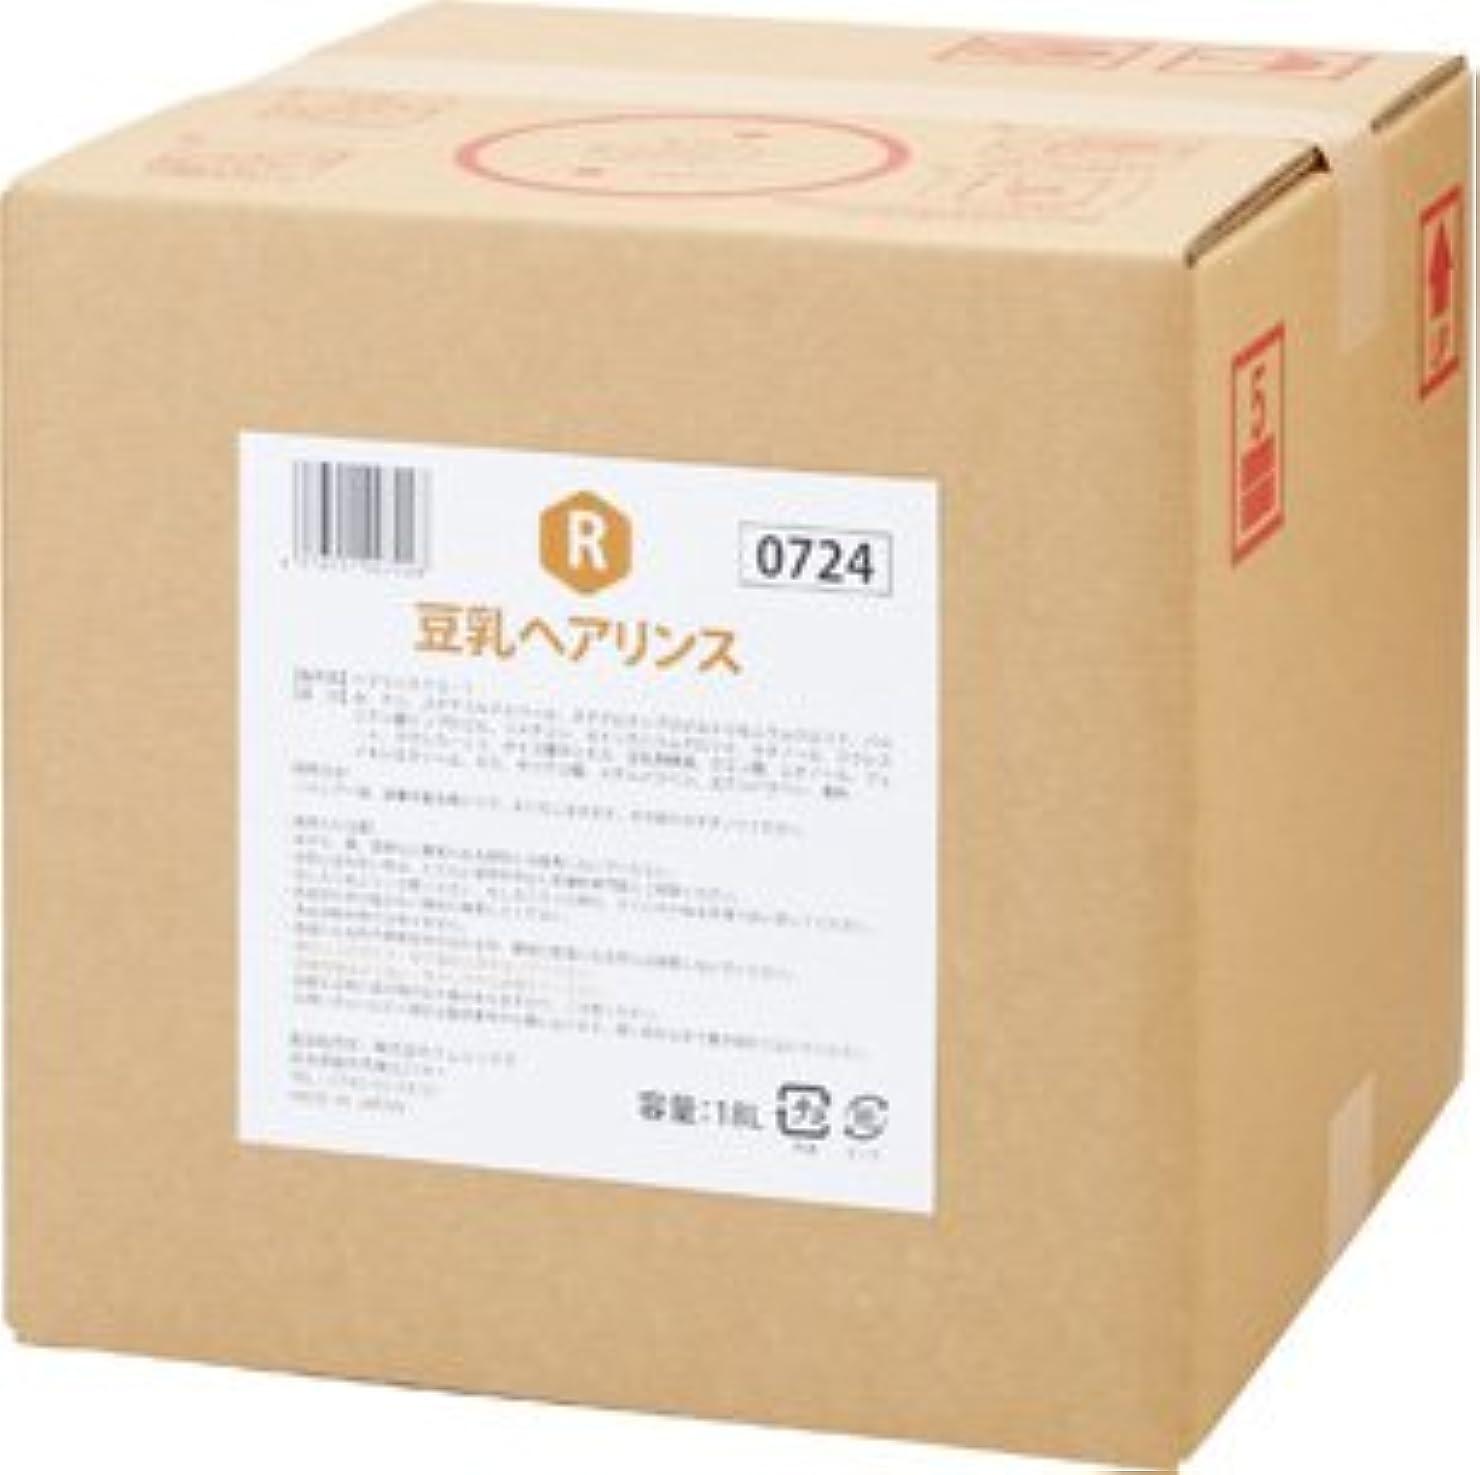 贅沢インフルエンザヘルメット豆乳ヘアリンス 18L